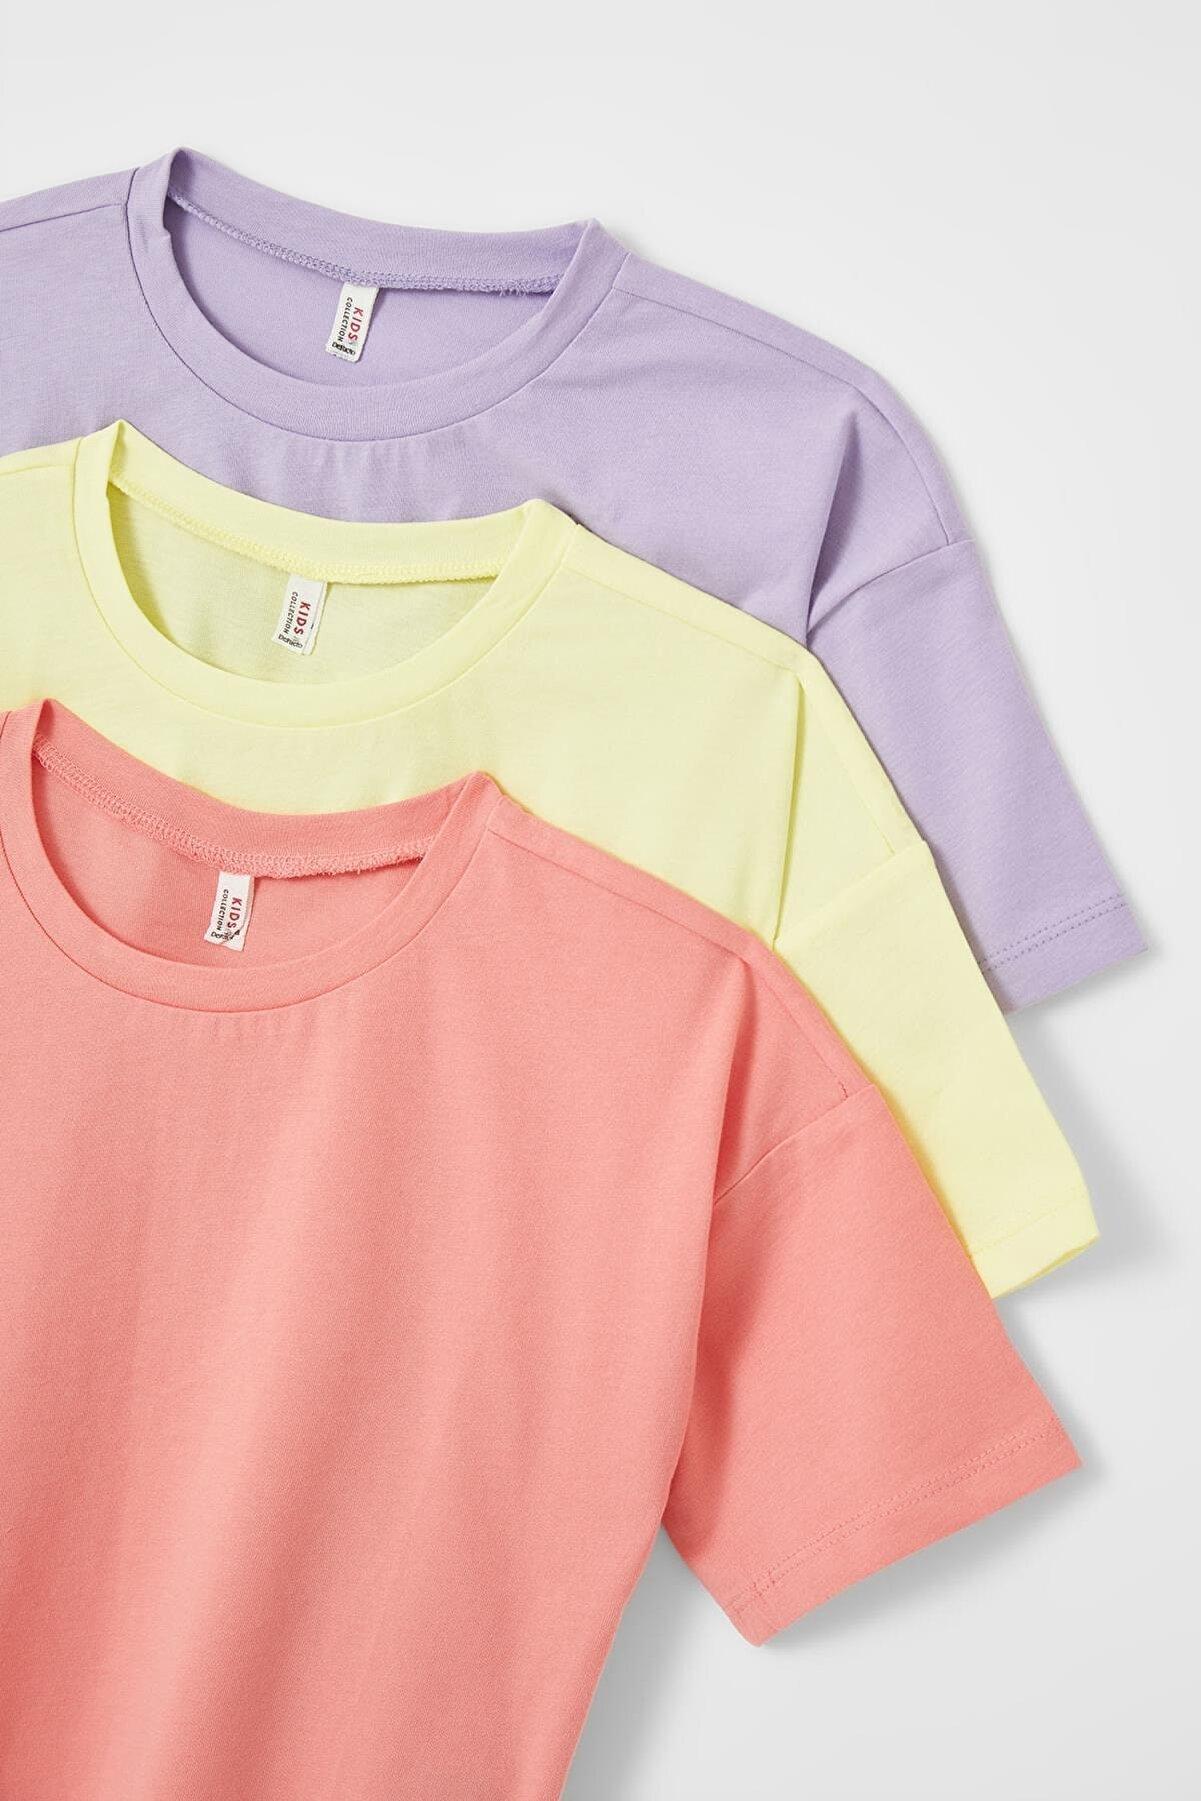 Defacto Kız Çocuk Basic 3'lü Kısa Kollu Tişört